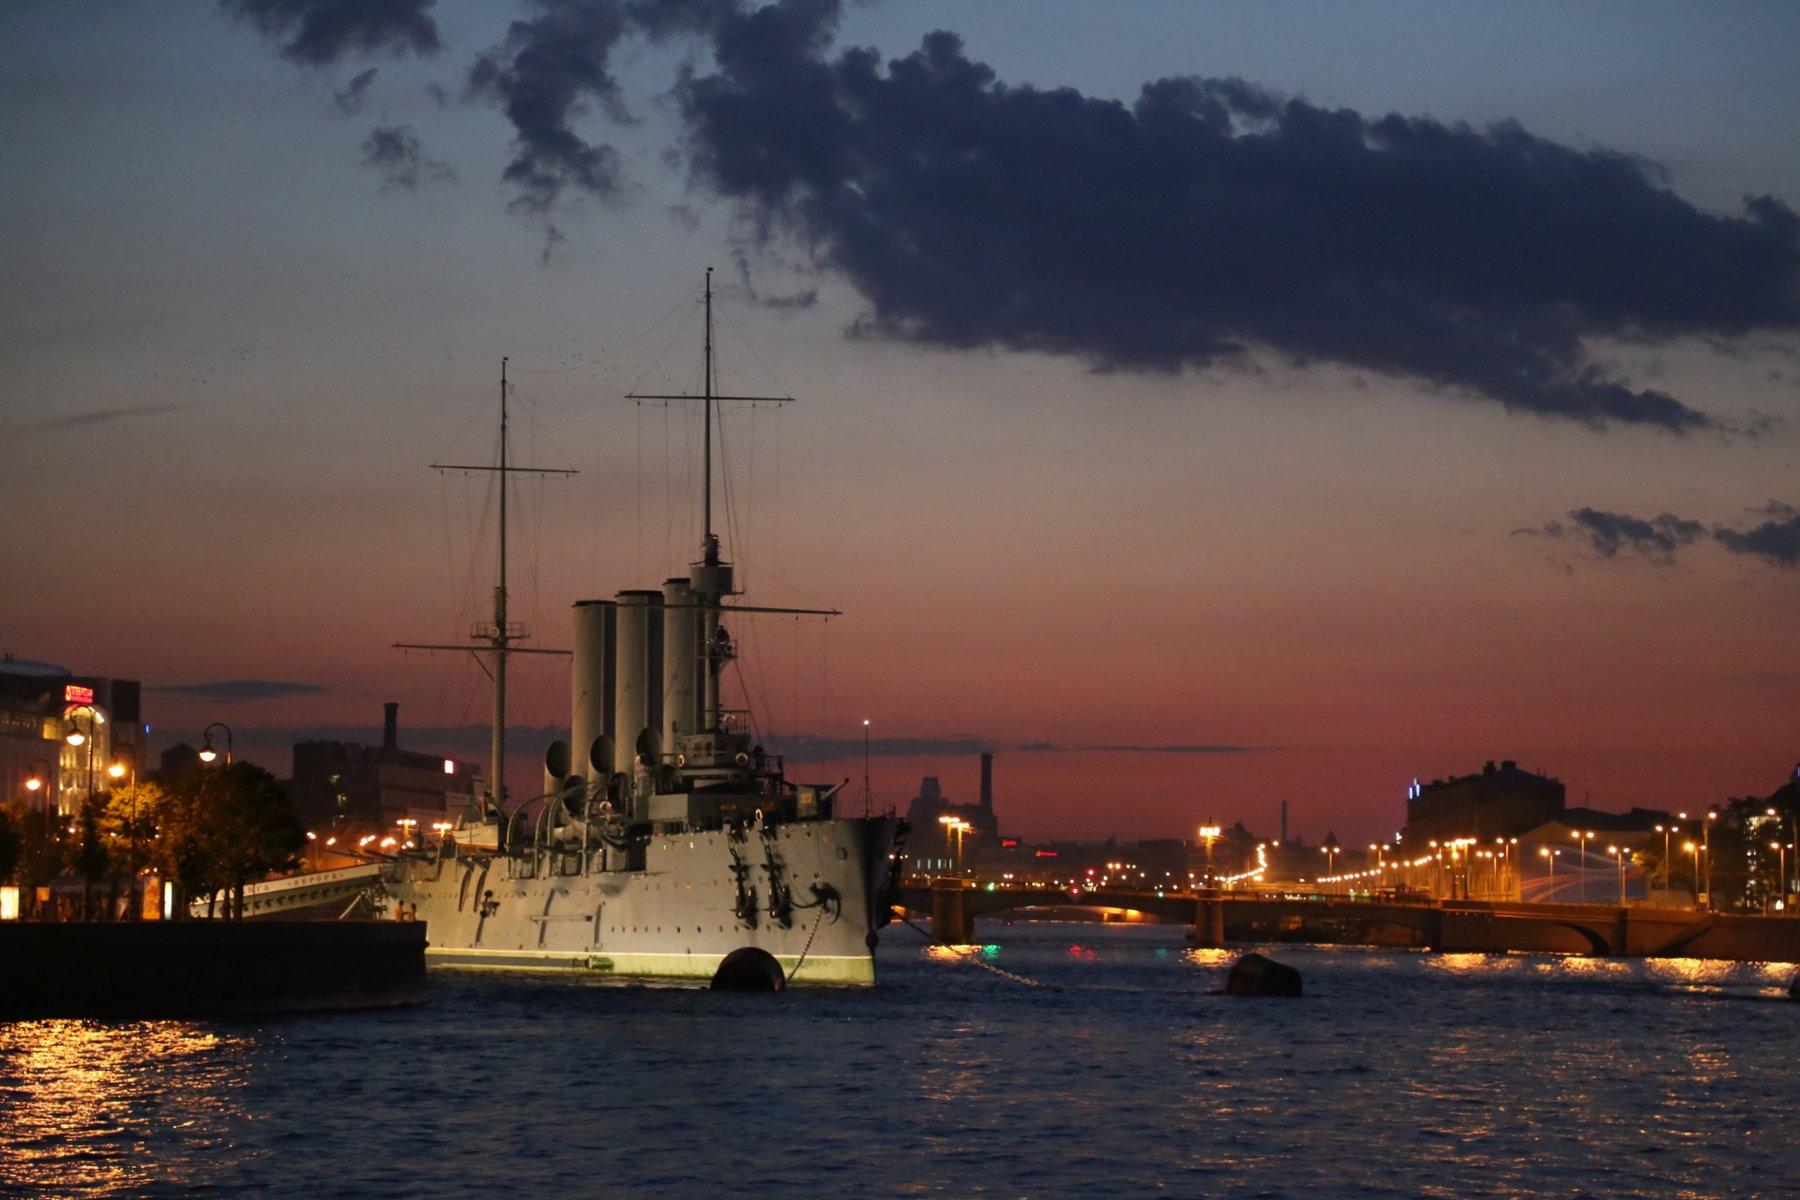 санкт петербург фото крейсер аврора контент дисплее вашего